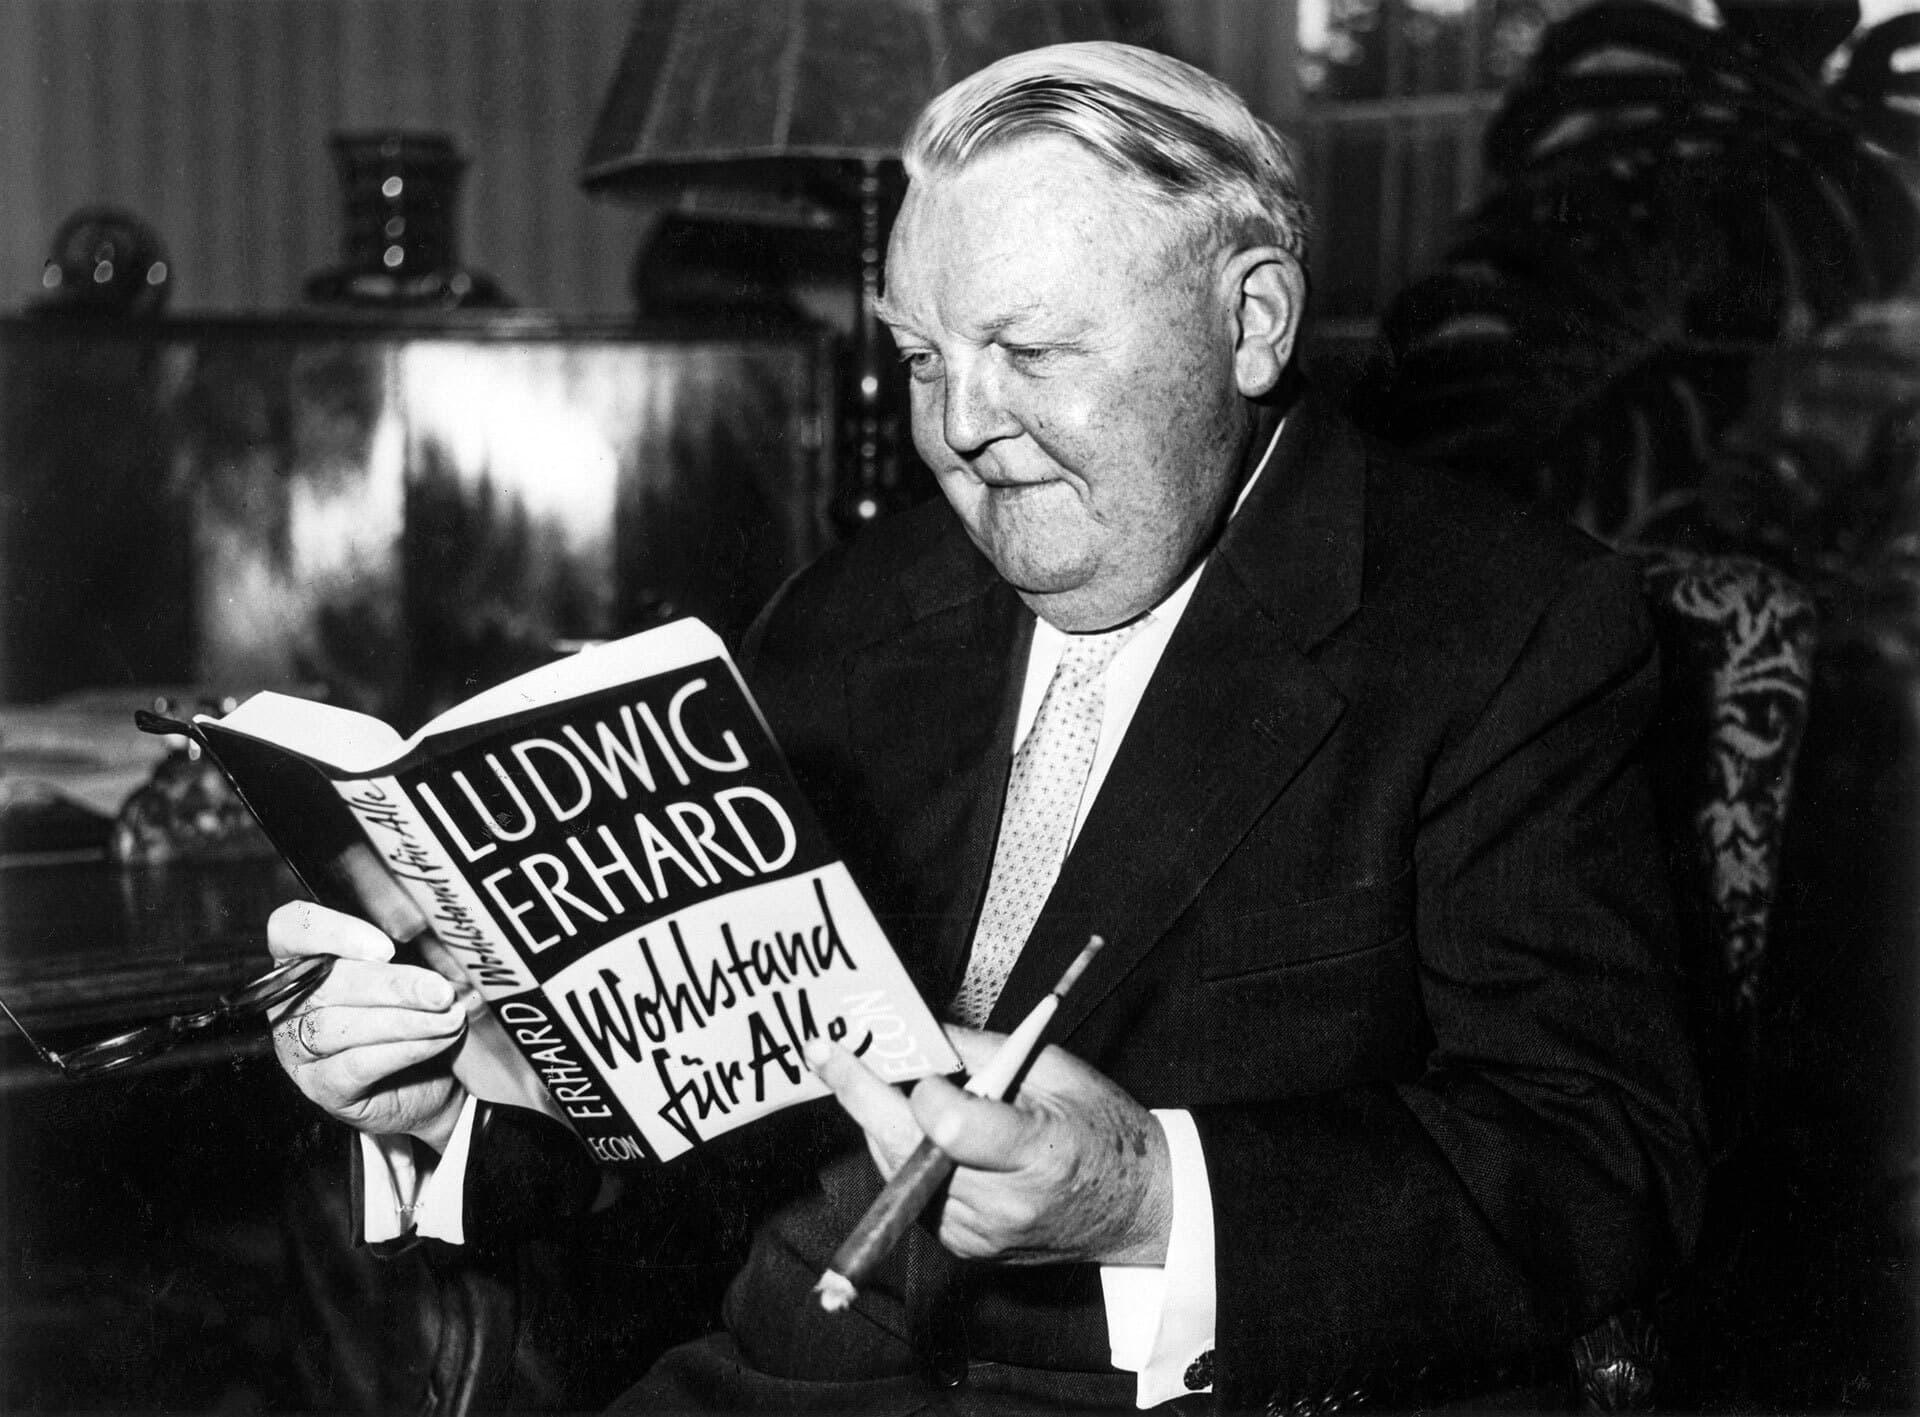 Der Politiker Ludwig Erhard mit einem Buch in der Hand